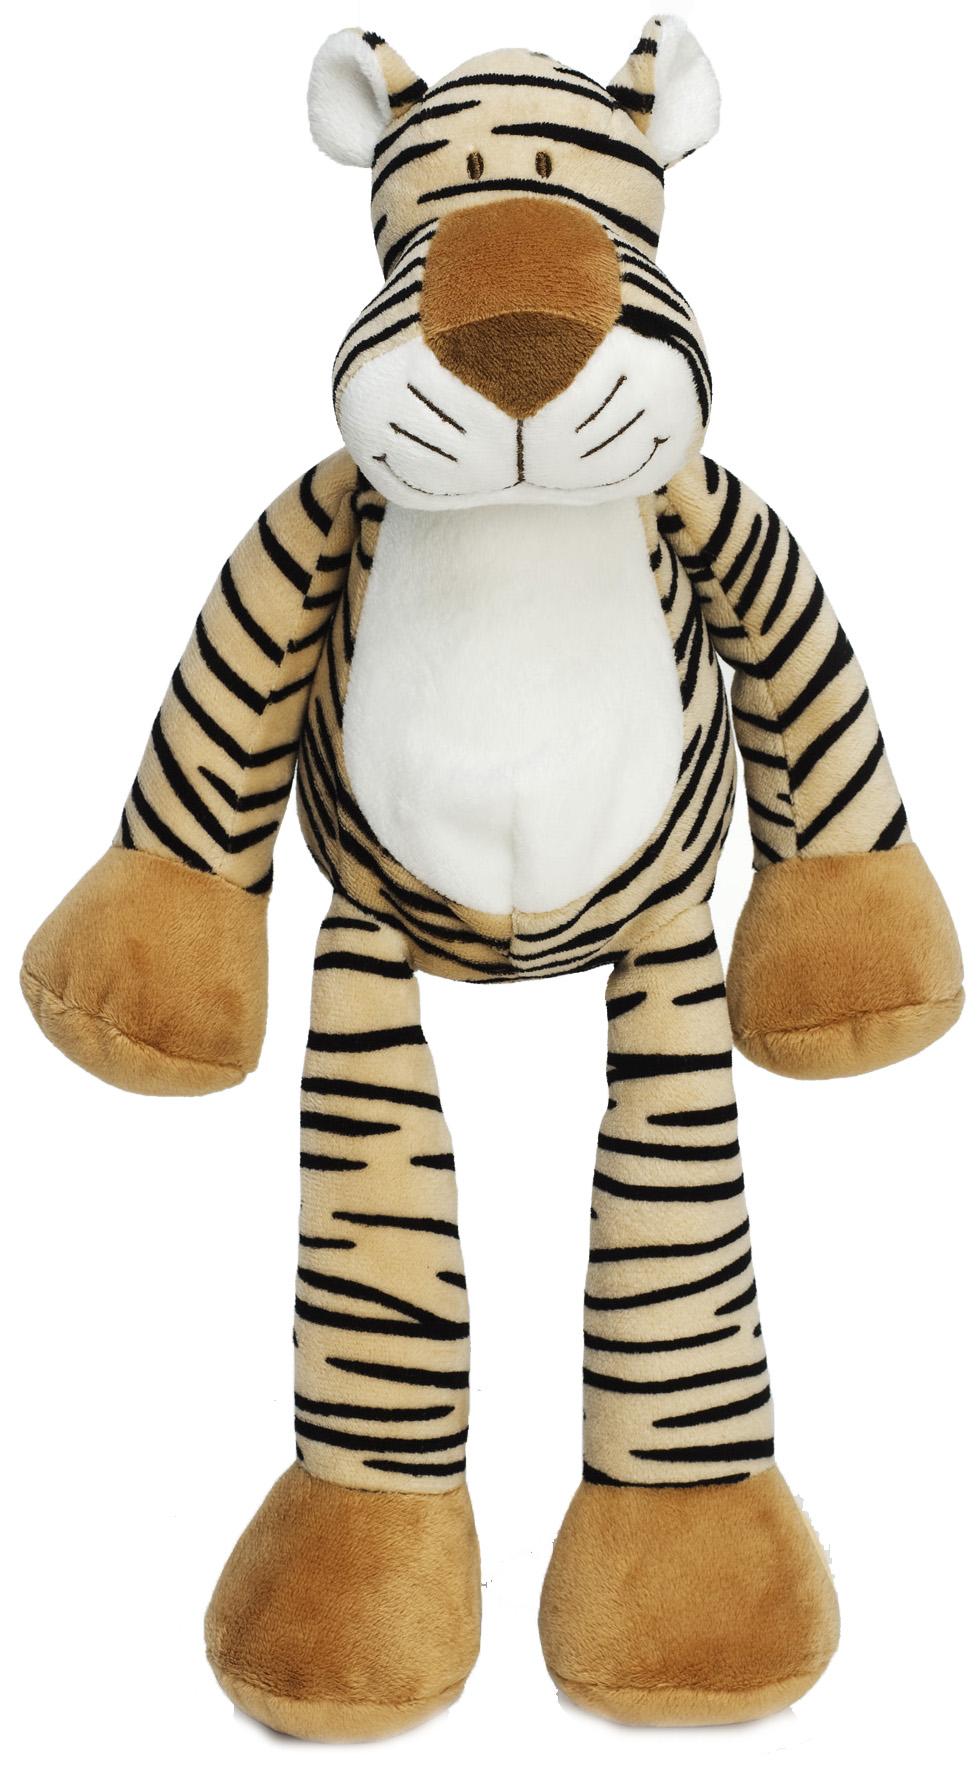 Diinglisar Tøjdyr, Tiger, 34cm - Teddykompaniet